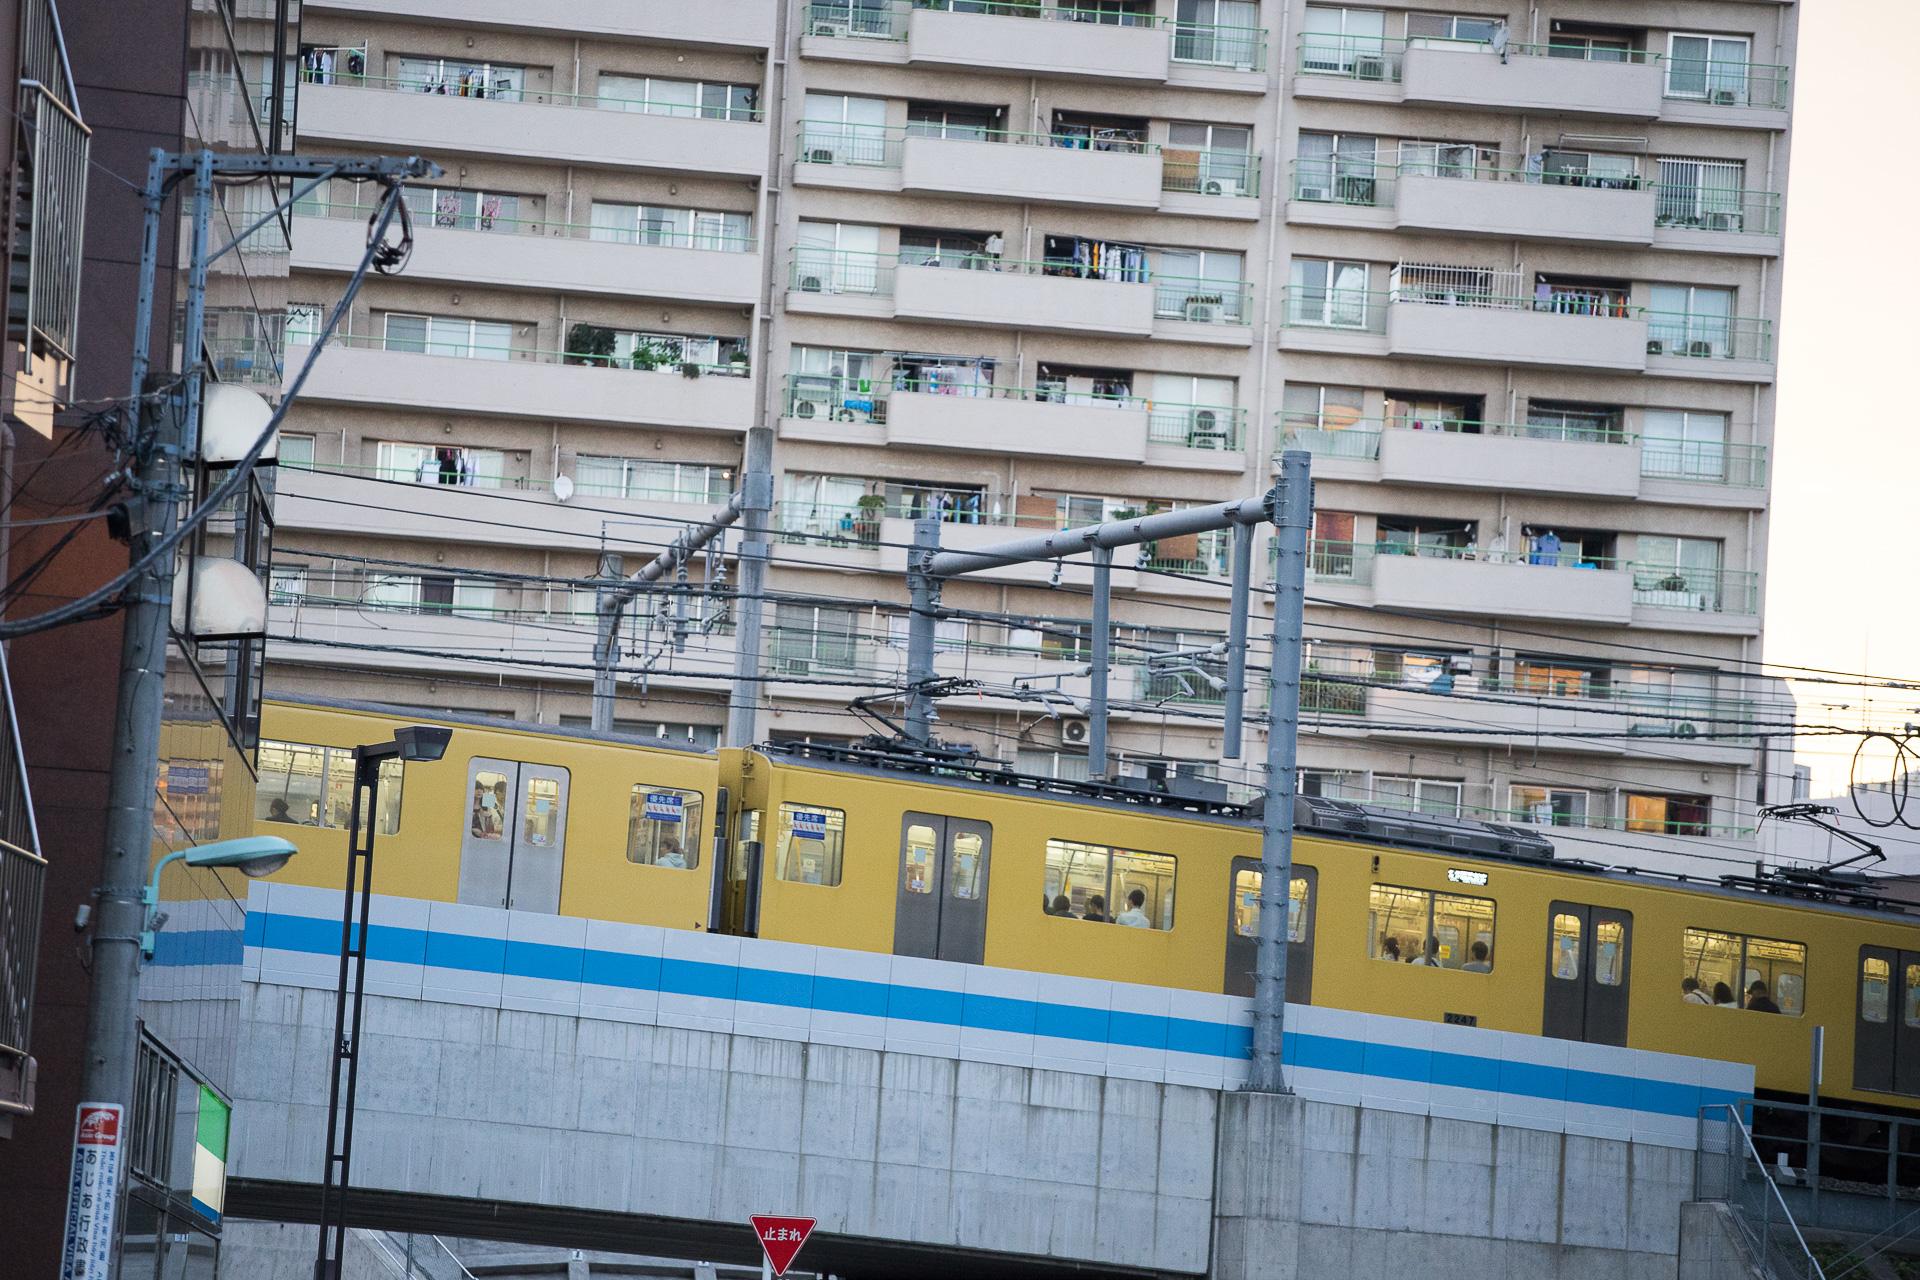 電車 SONY α7II, SIGMA MC-11, EF 70-200mm F4L USM シャッタースピード1/500で撮影